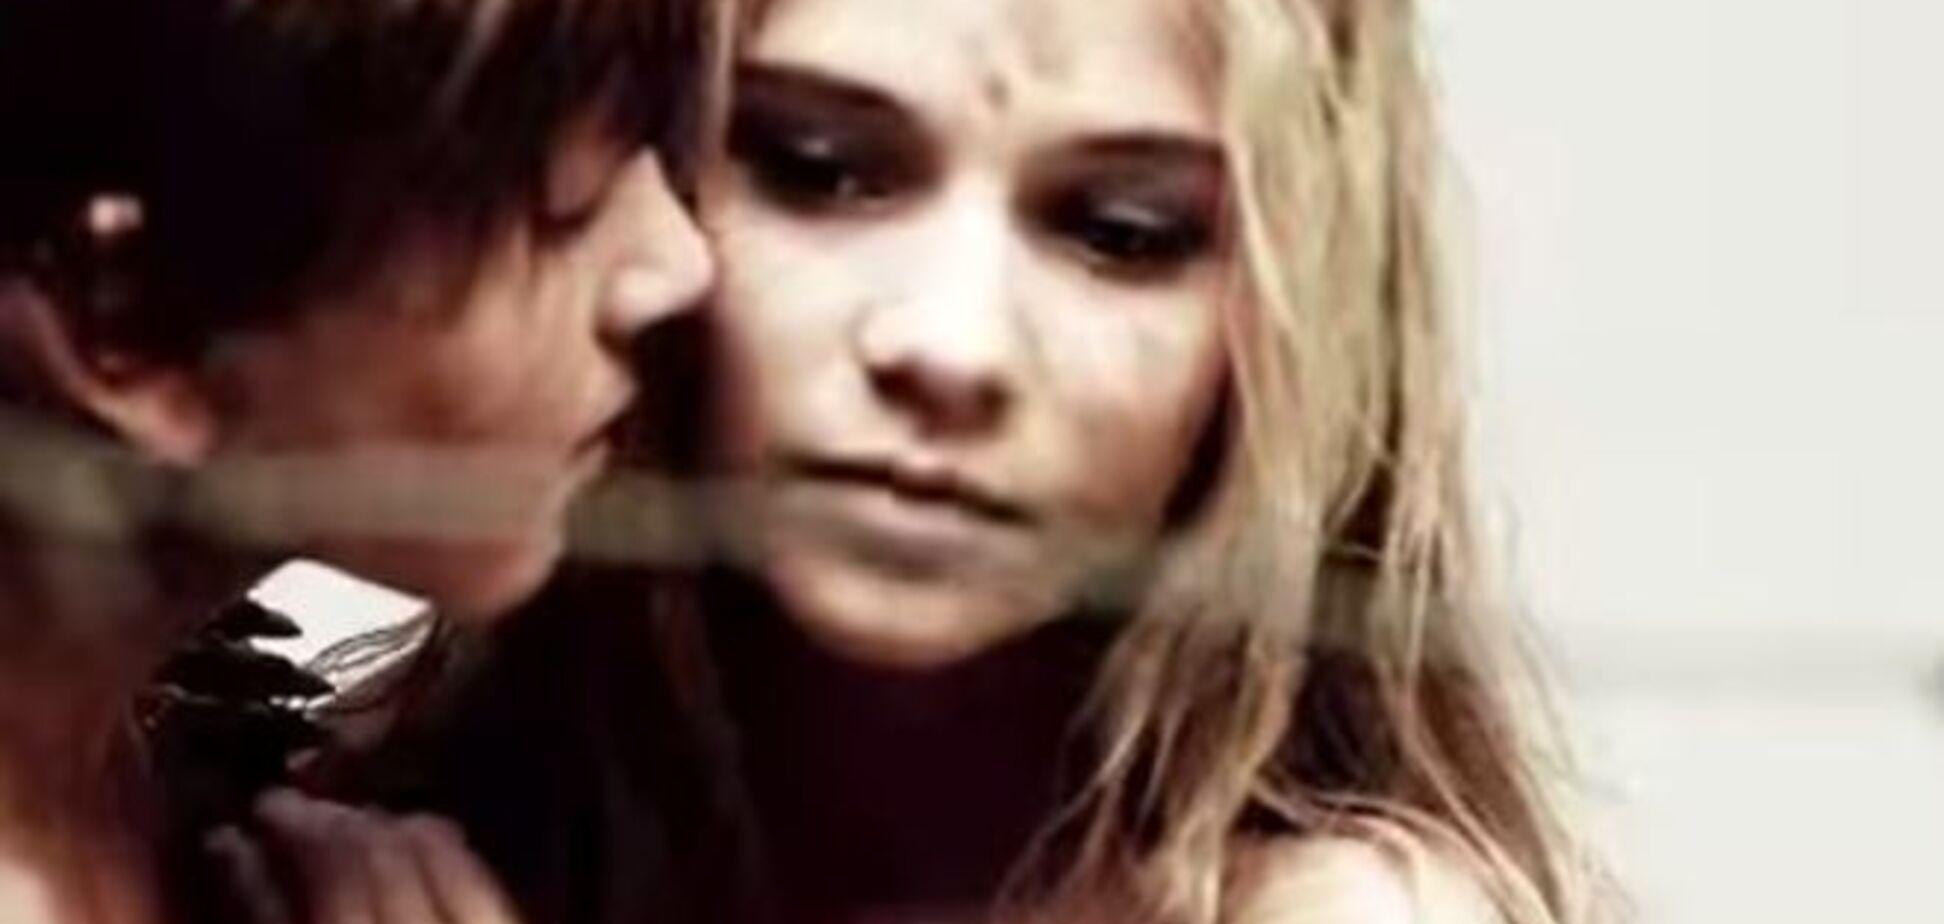 'Бджілки' відпочивають: у Росії до Дня Перемоги зняли кліп з 12-річними дітьми, що цілуються, і Сталіним